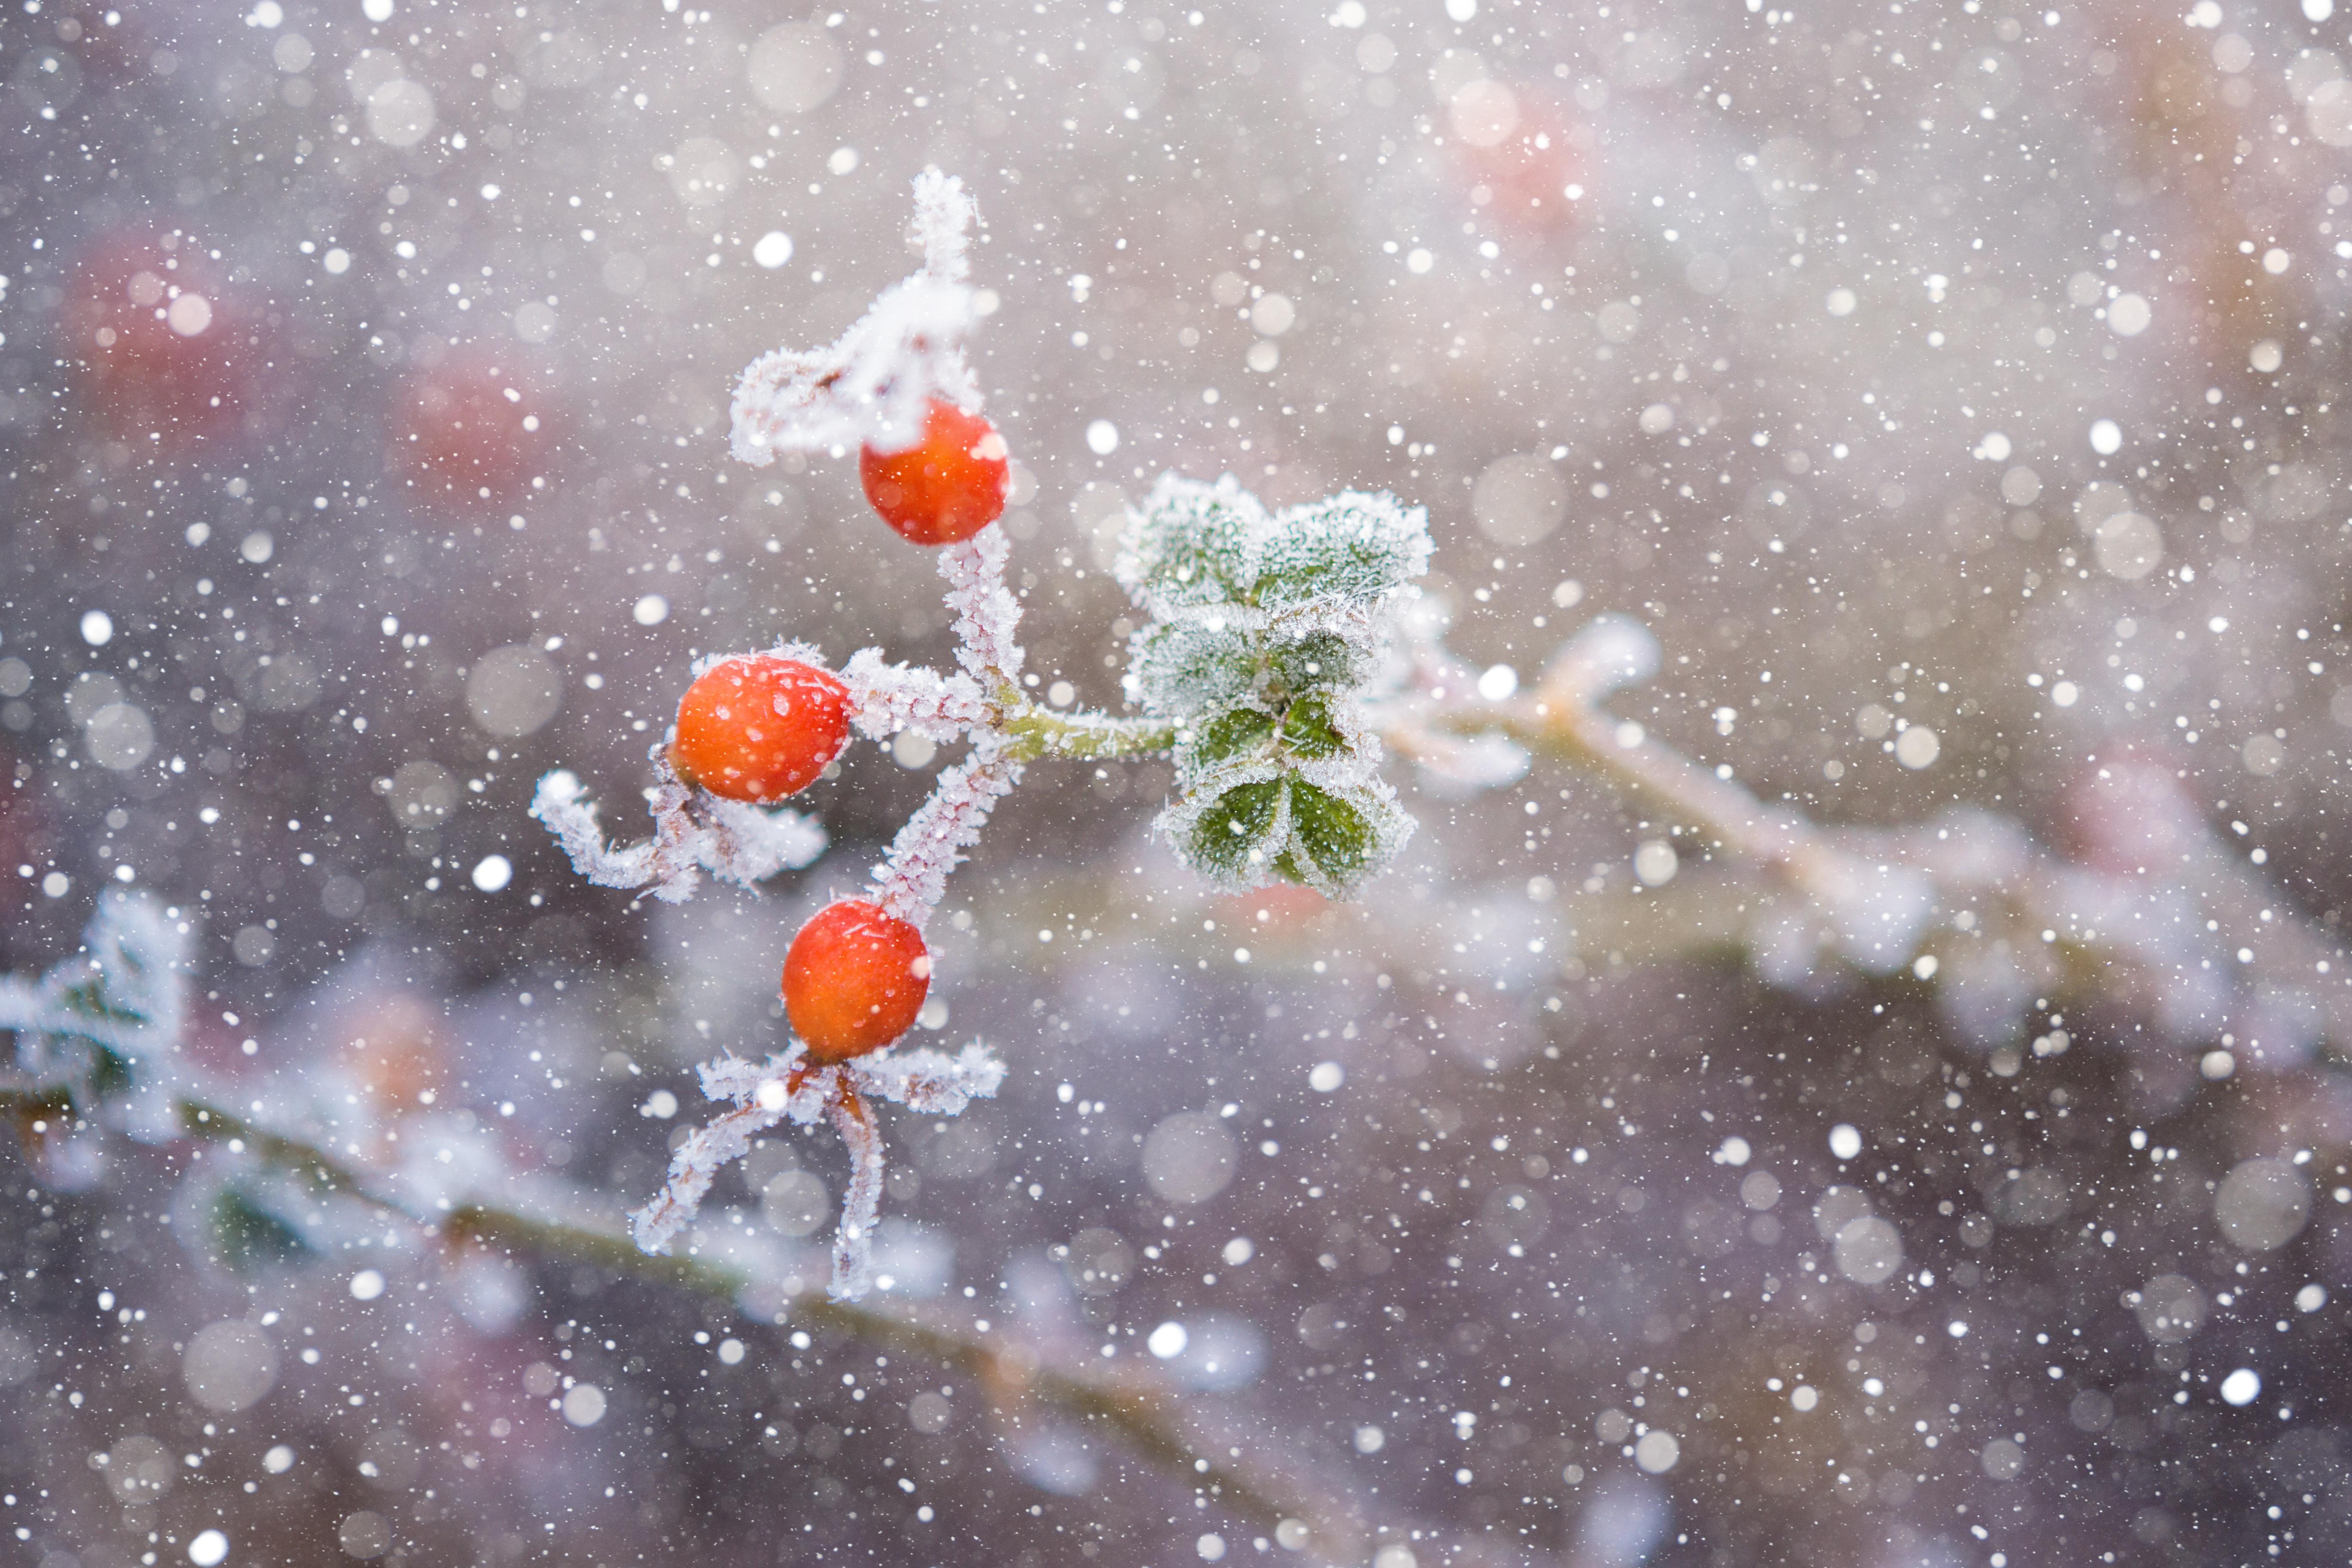 В ноябре ещё можно снять последние ягоды шиповника, рябины или барбариса